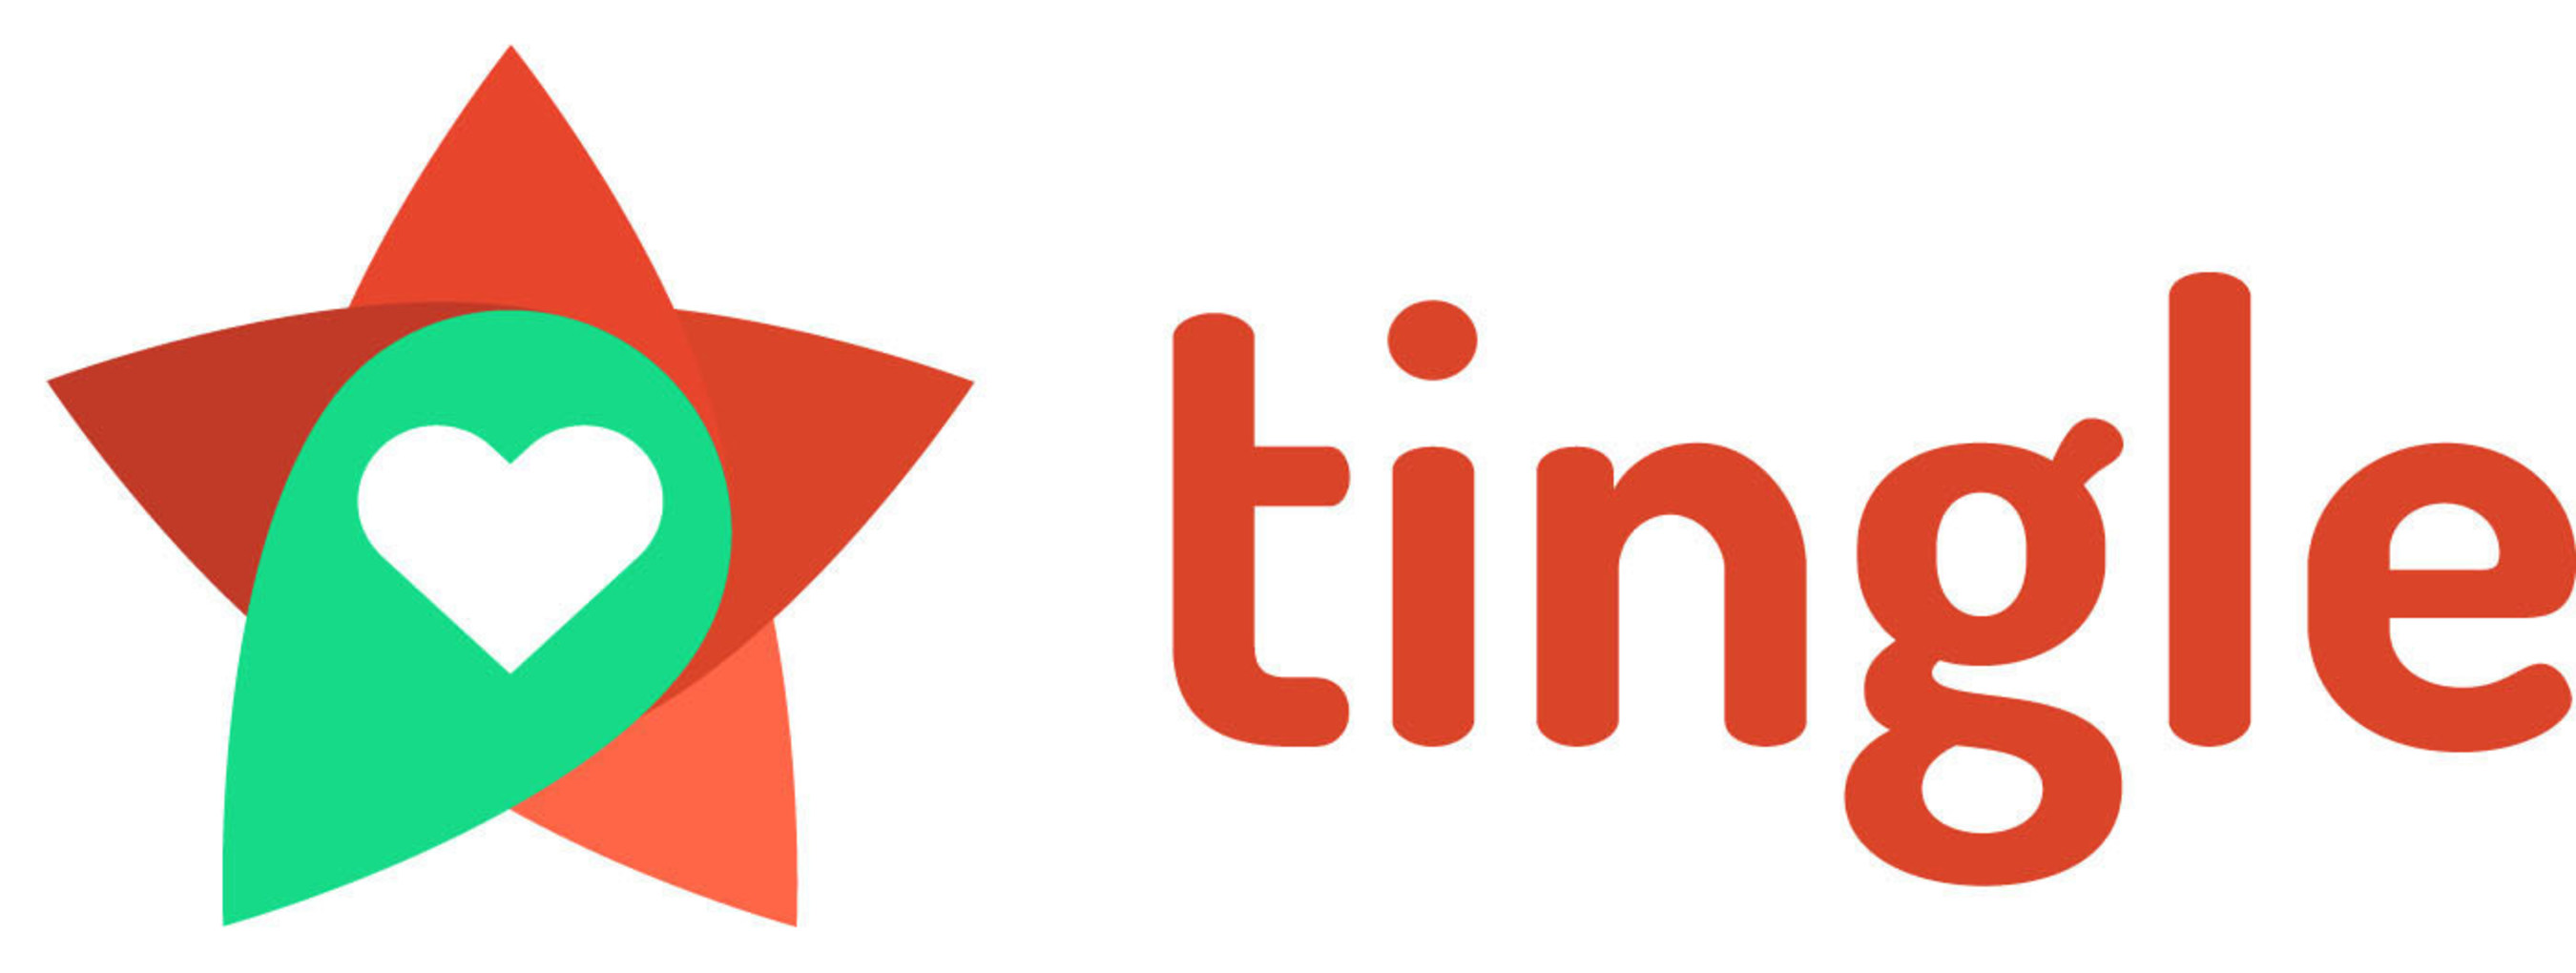 Tingle dating